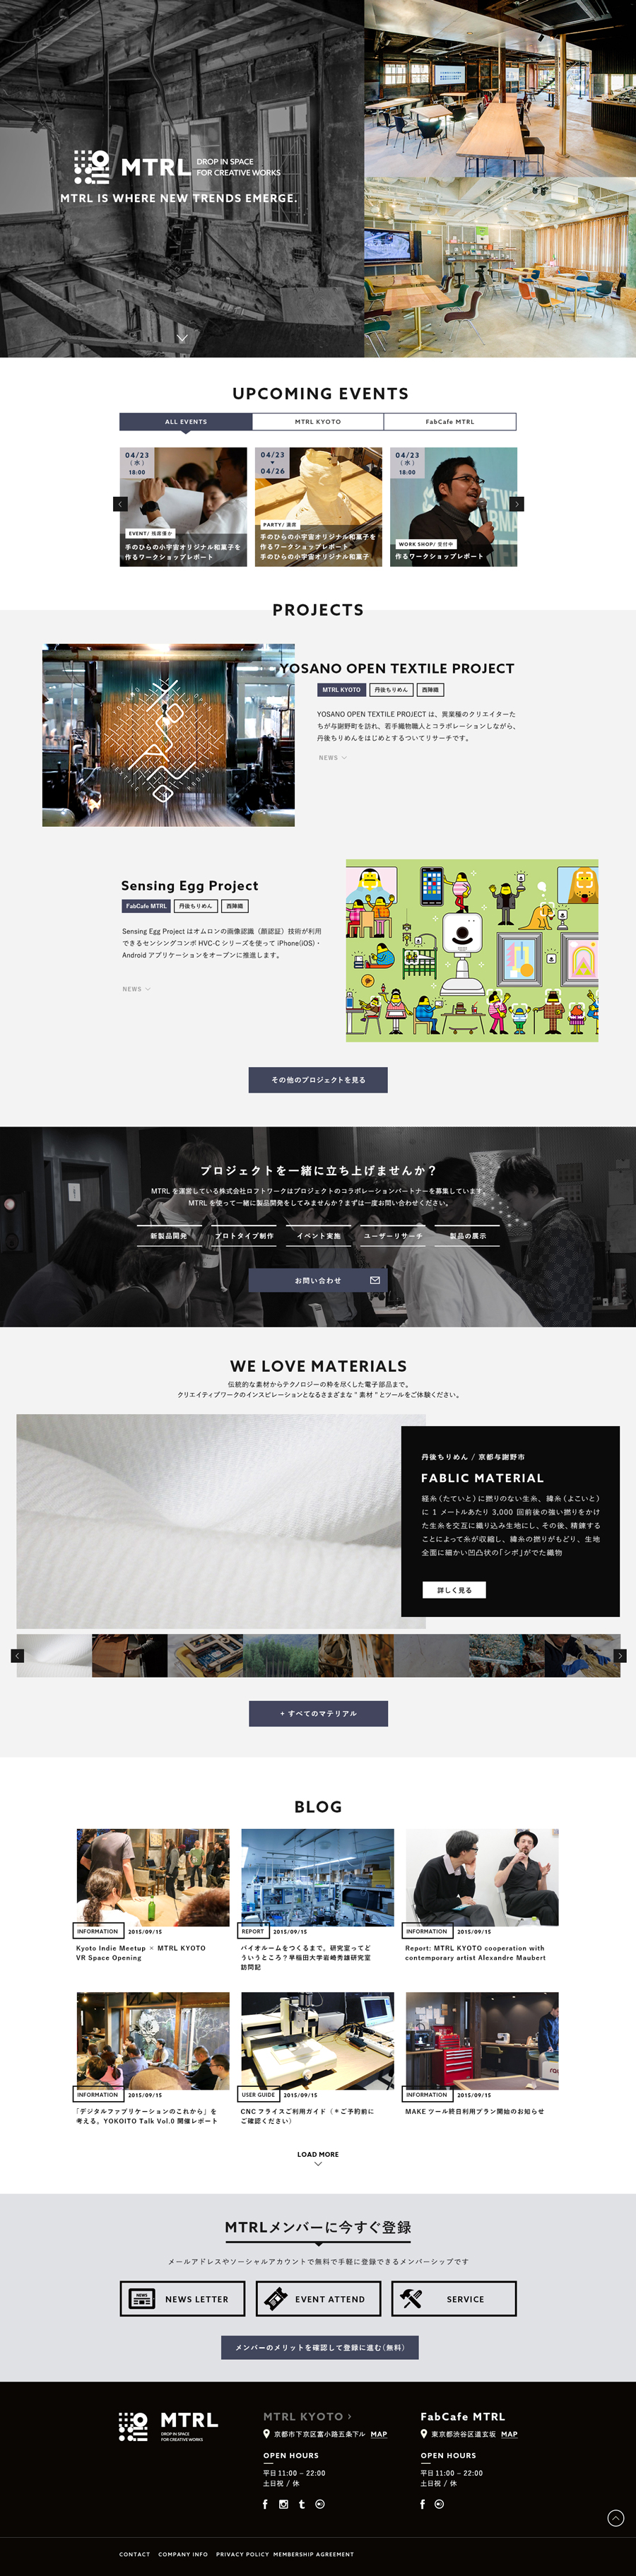 MTRL #Webデザイン #Design